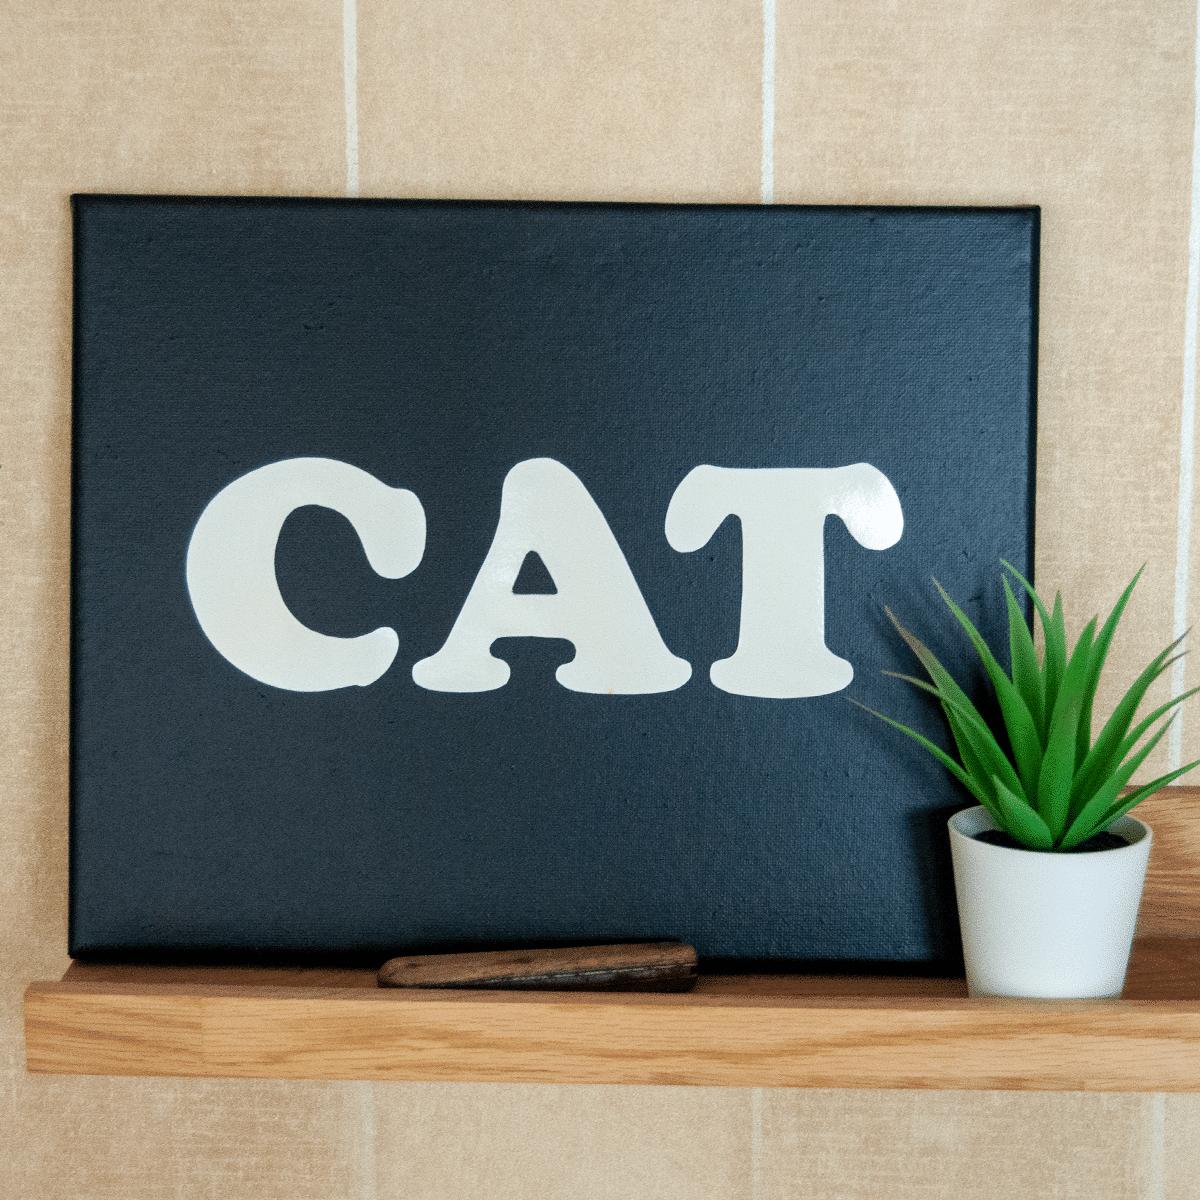 Canvas tavla i svart med ordet CAT i vitt